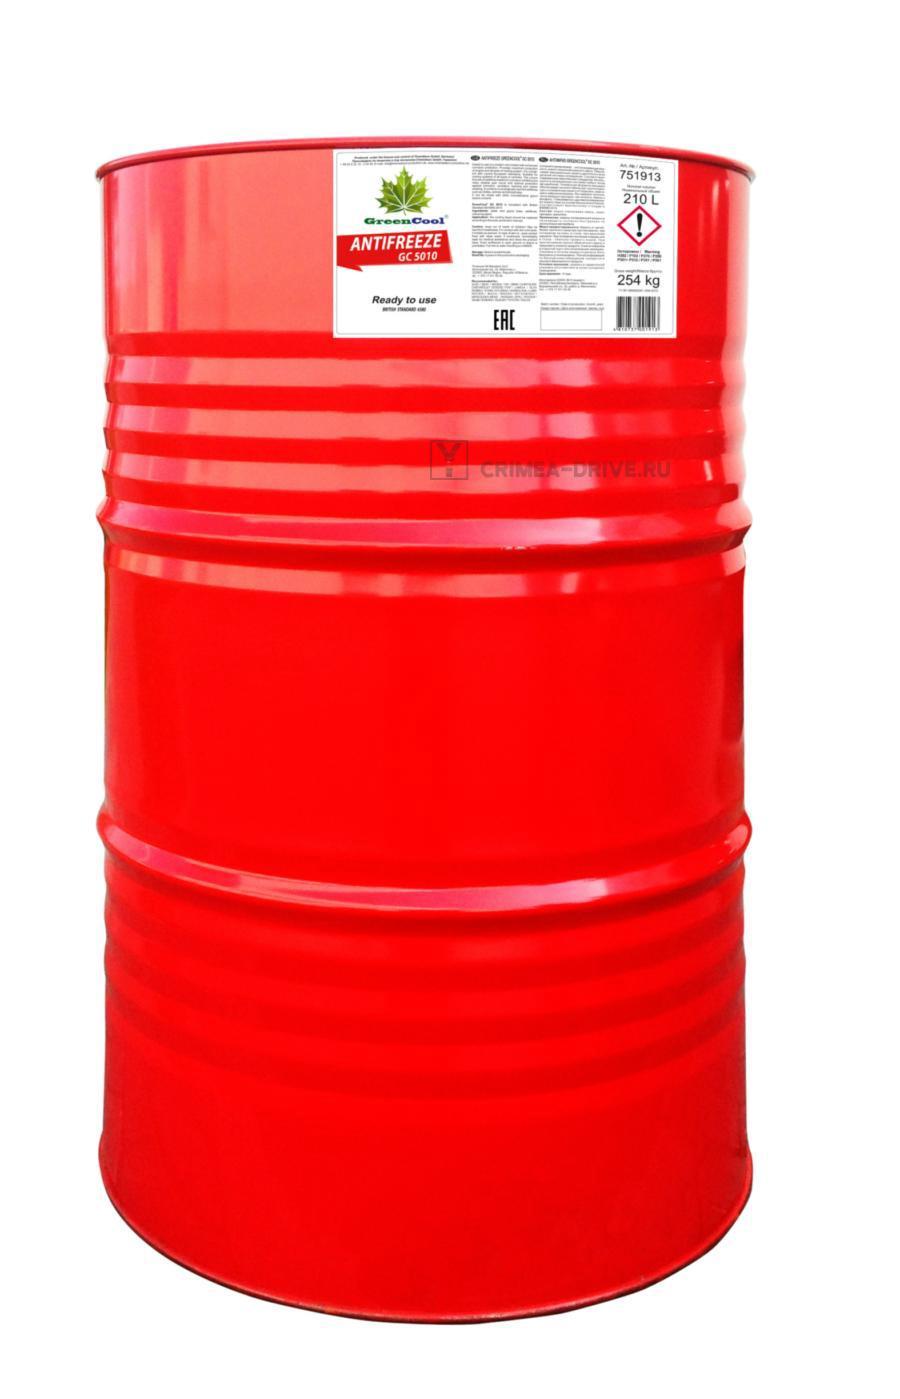 Антифриз GС5010 G12, 210 л (готовый/ready to use), красный